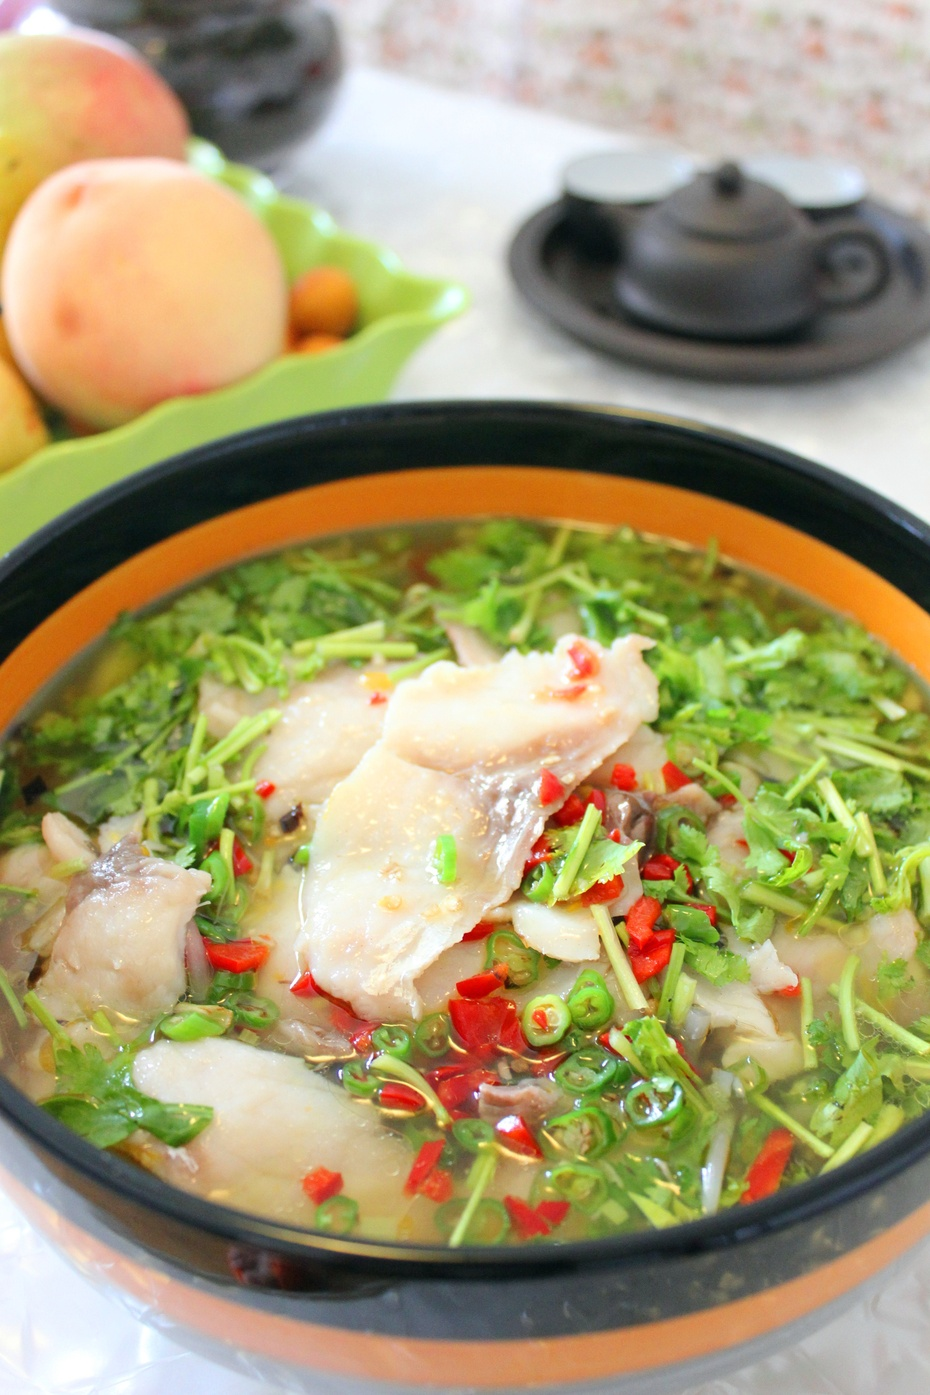 酸辣却清爽的黄椒酸汤鱼片 - 慢美食 - 慢 美 食